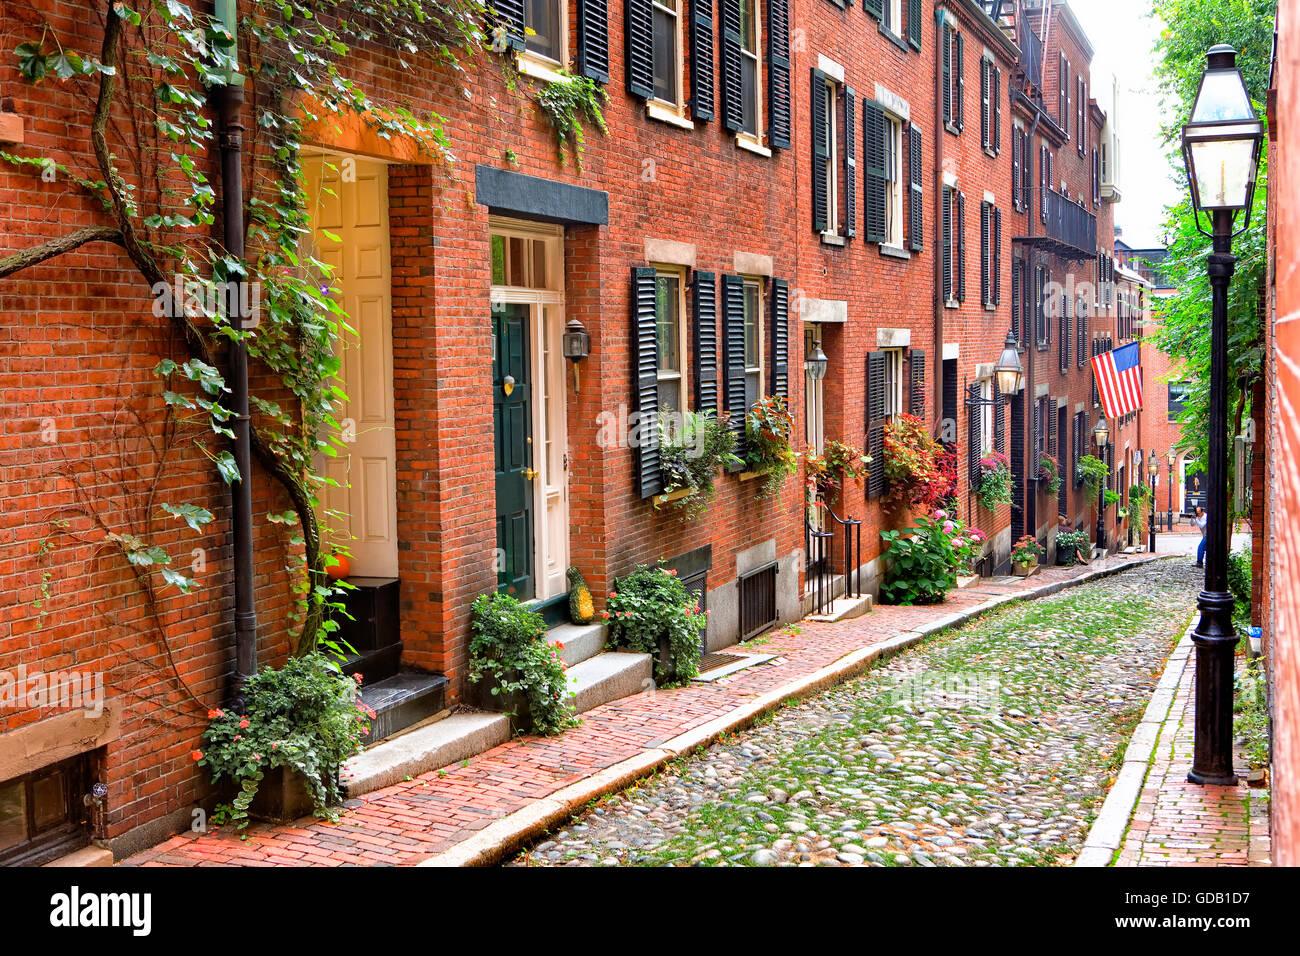 Acorn street en Beacon Hill, Boston. Imagen De Stock